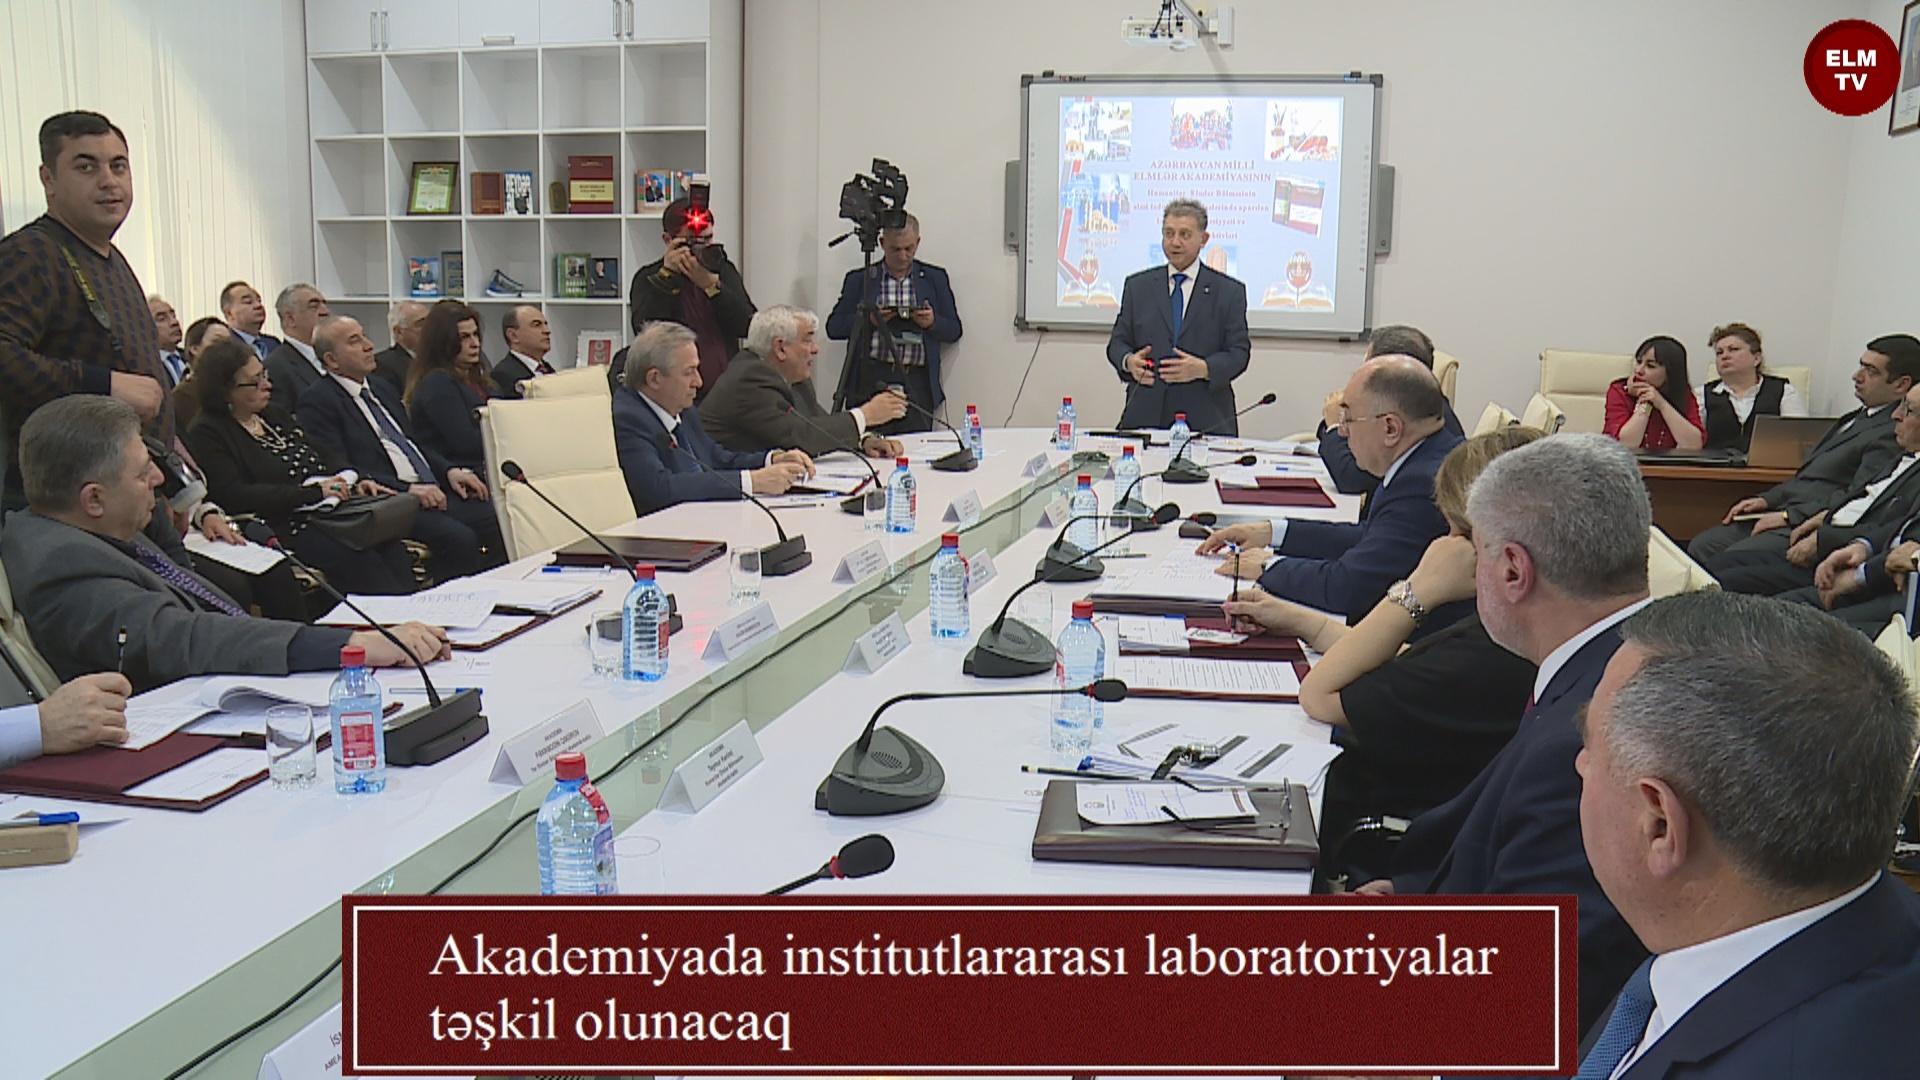 Akademiyada institutlararası laboratoriyalar təşkil olunacaq